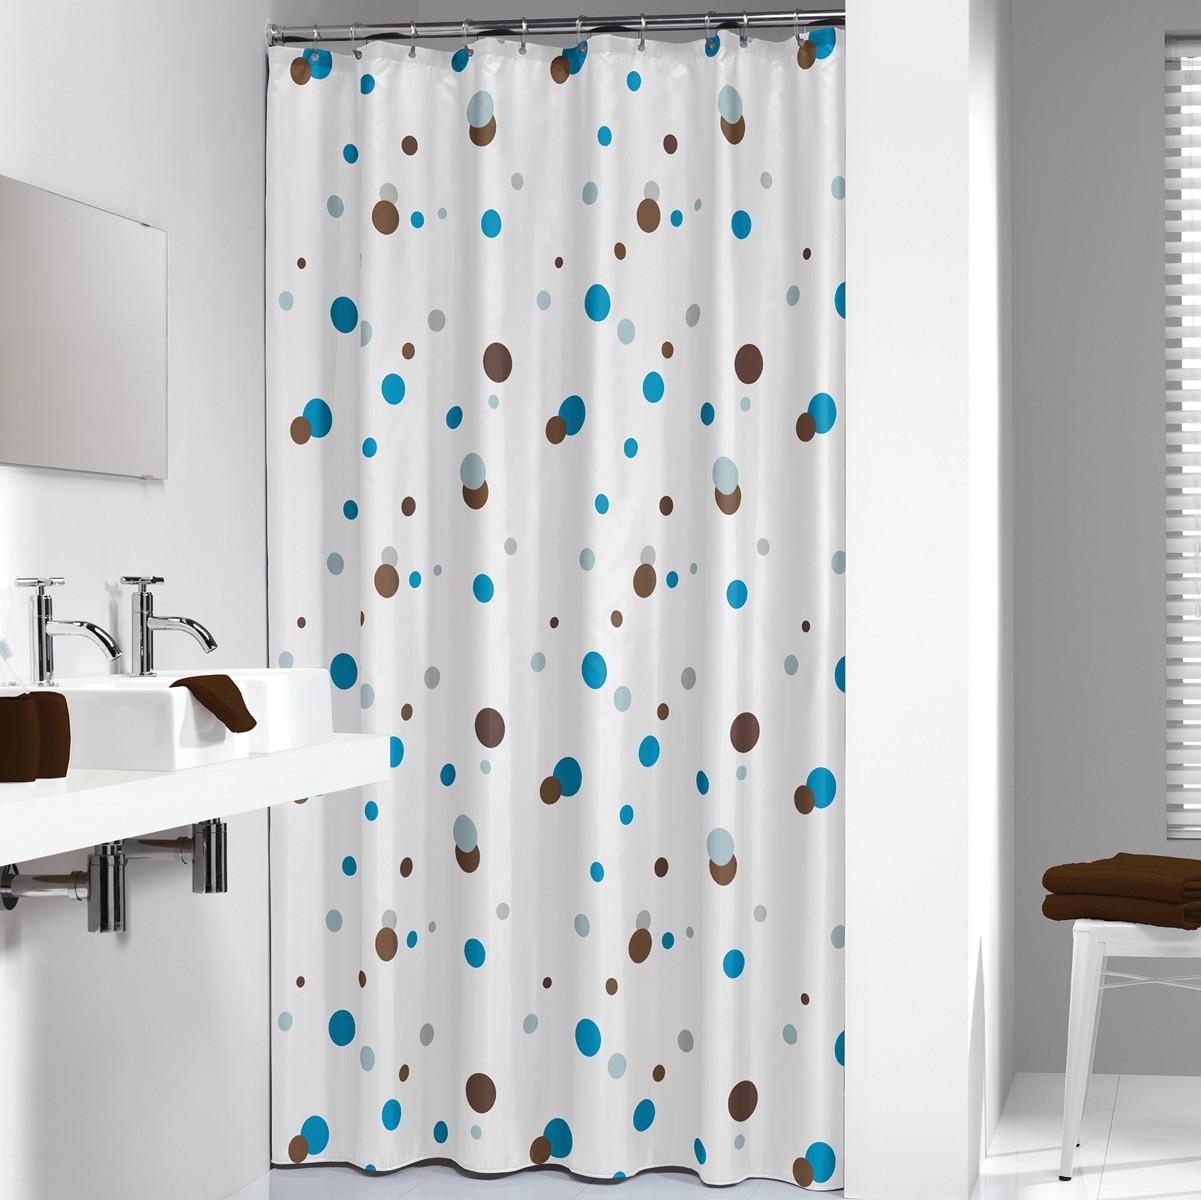 Κουρτίνα Μπάνιου (180x200) SealSkin Dots Blue